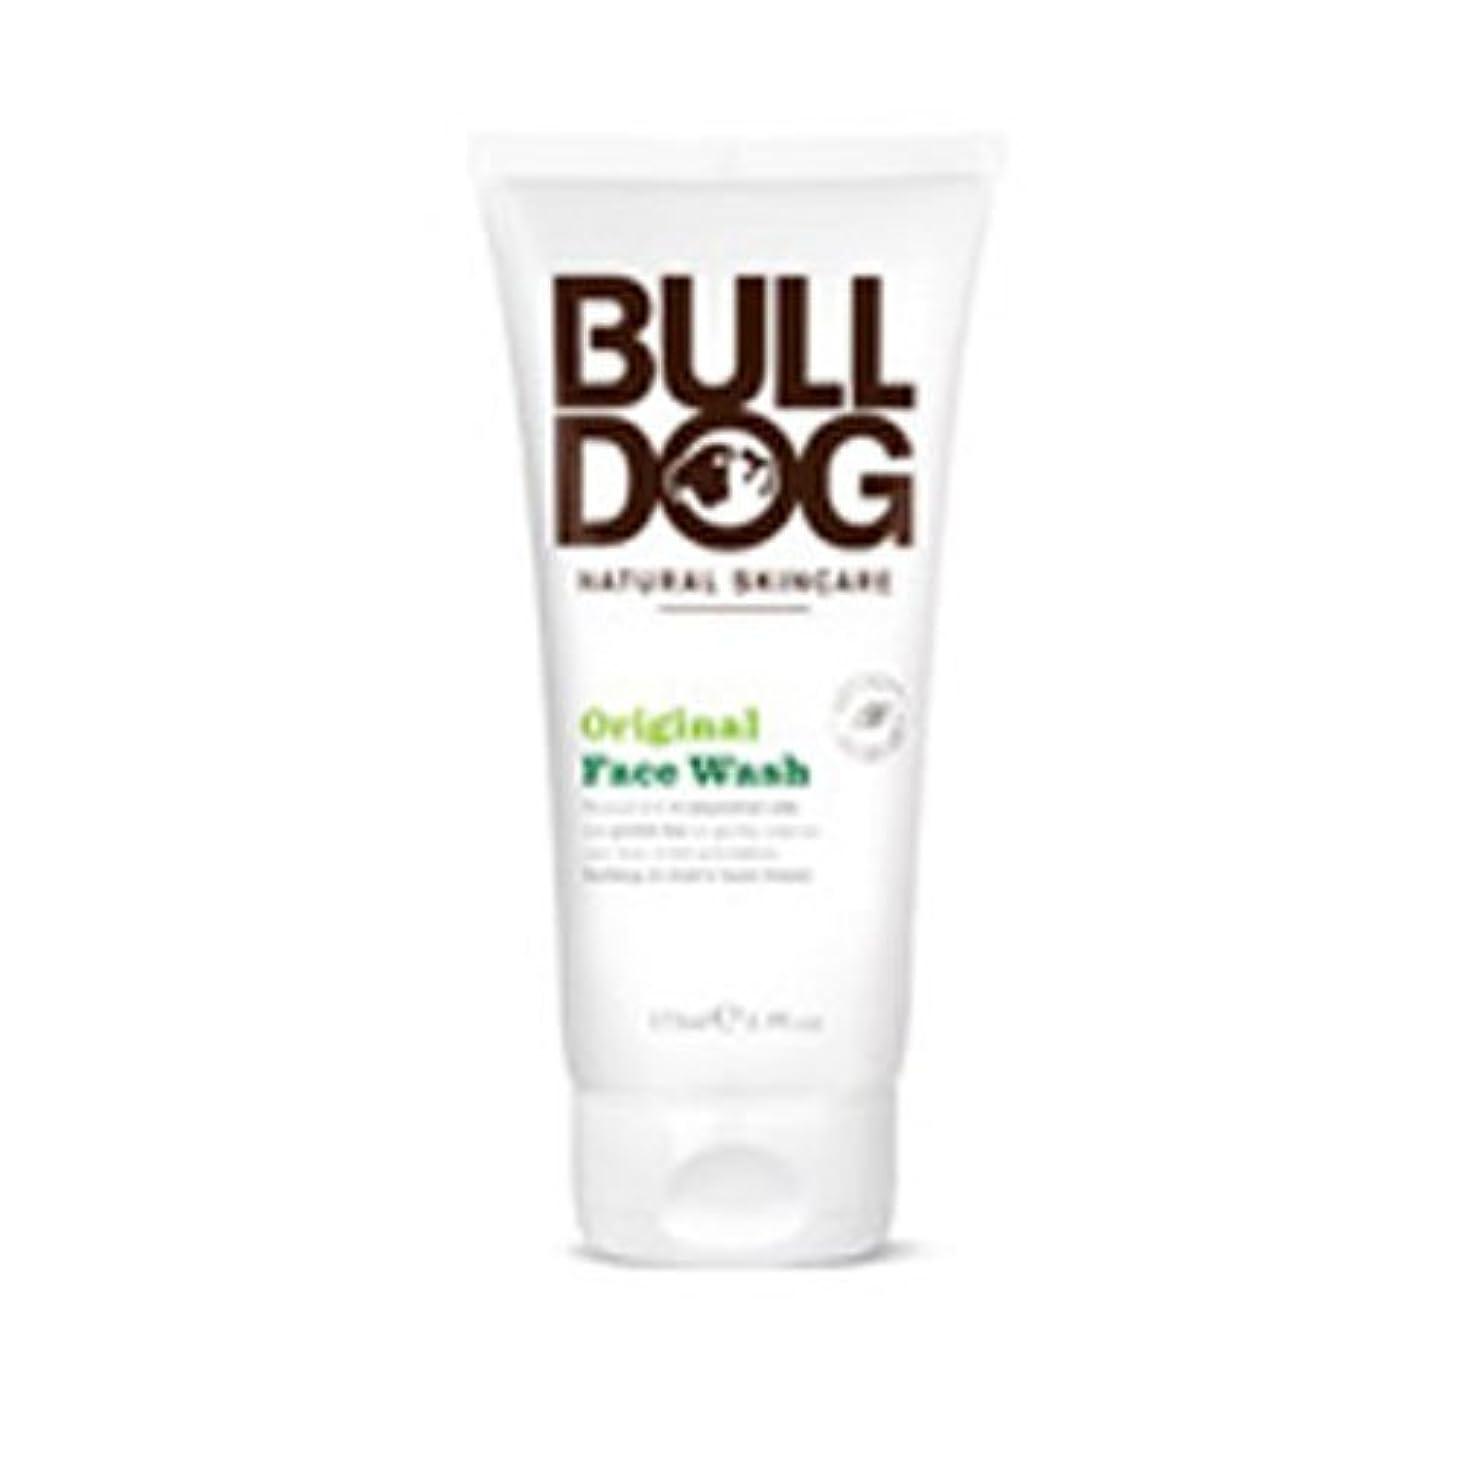 海外直送品Original Face Wash, 5.9 oz by Bulldog Natural Skincare